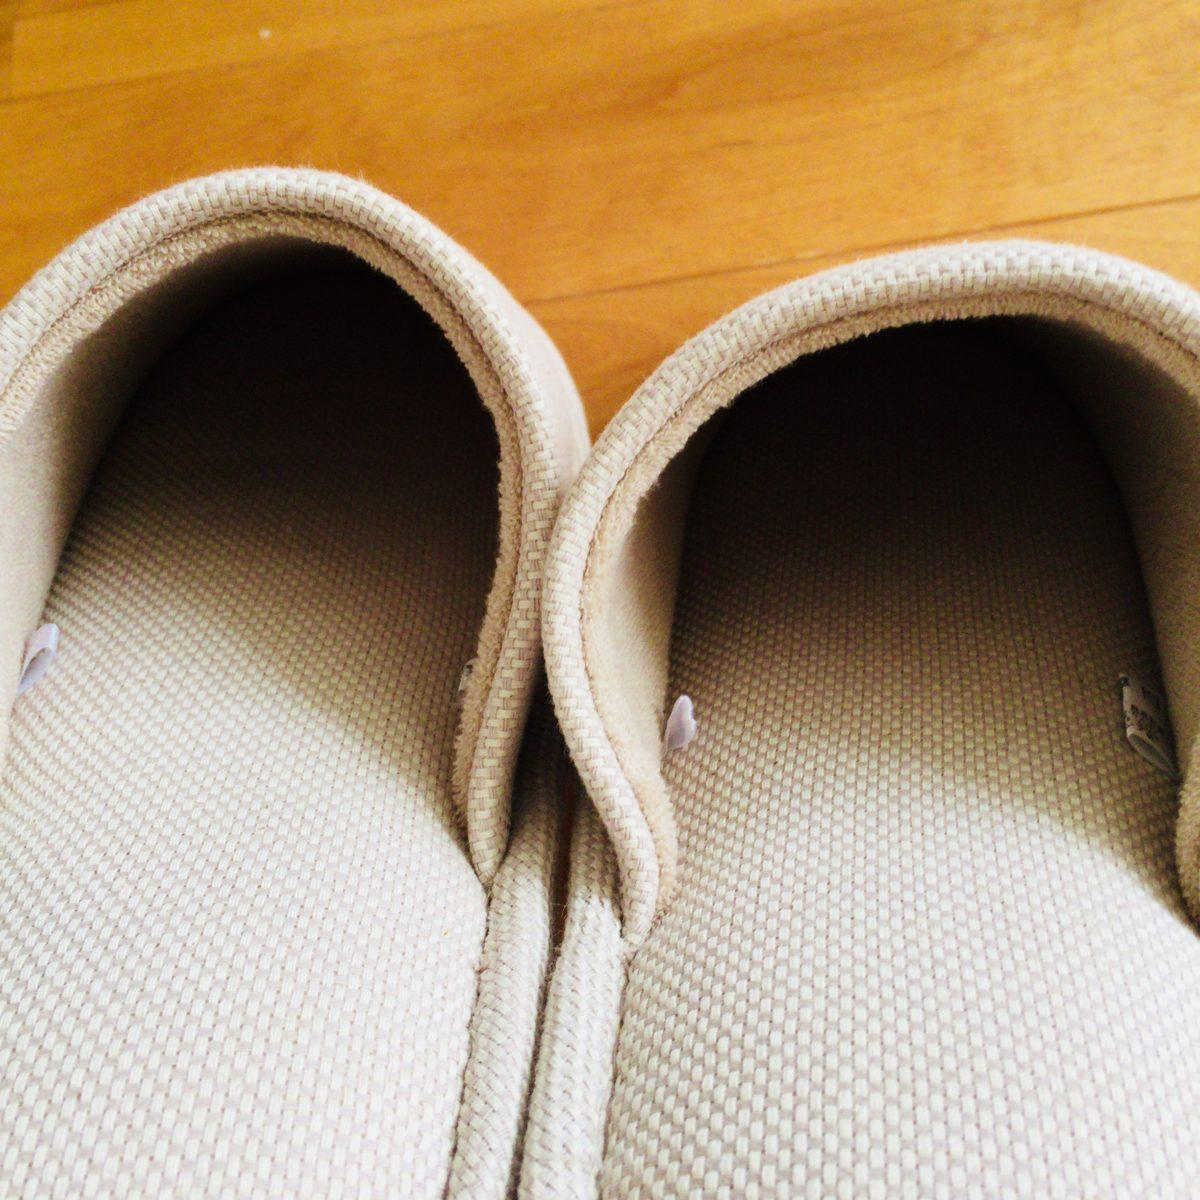 綿バスケット織足底EVA左右のないスリッパの足の甲部分